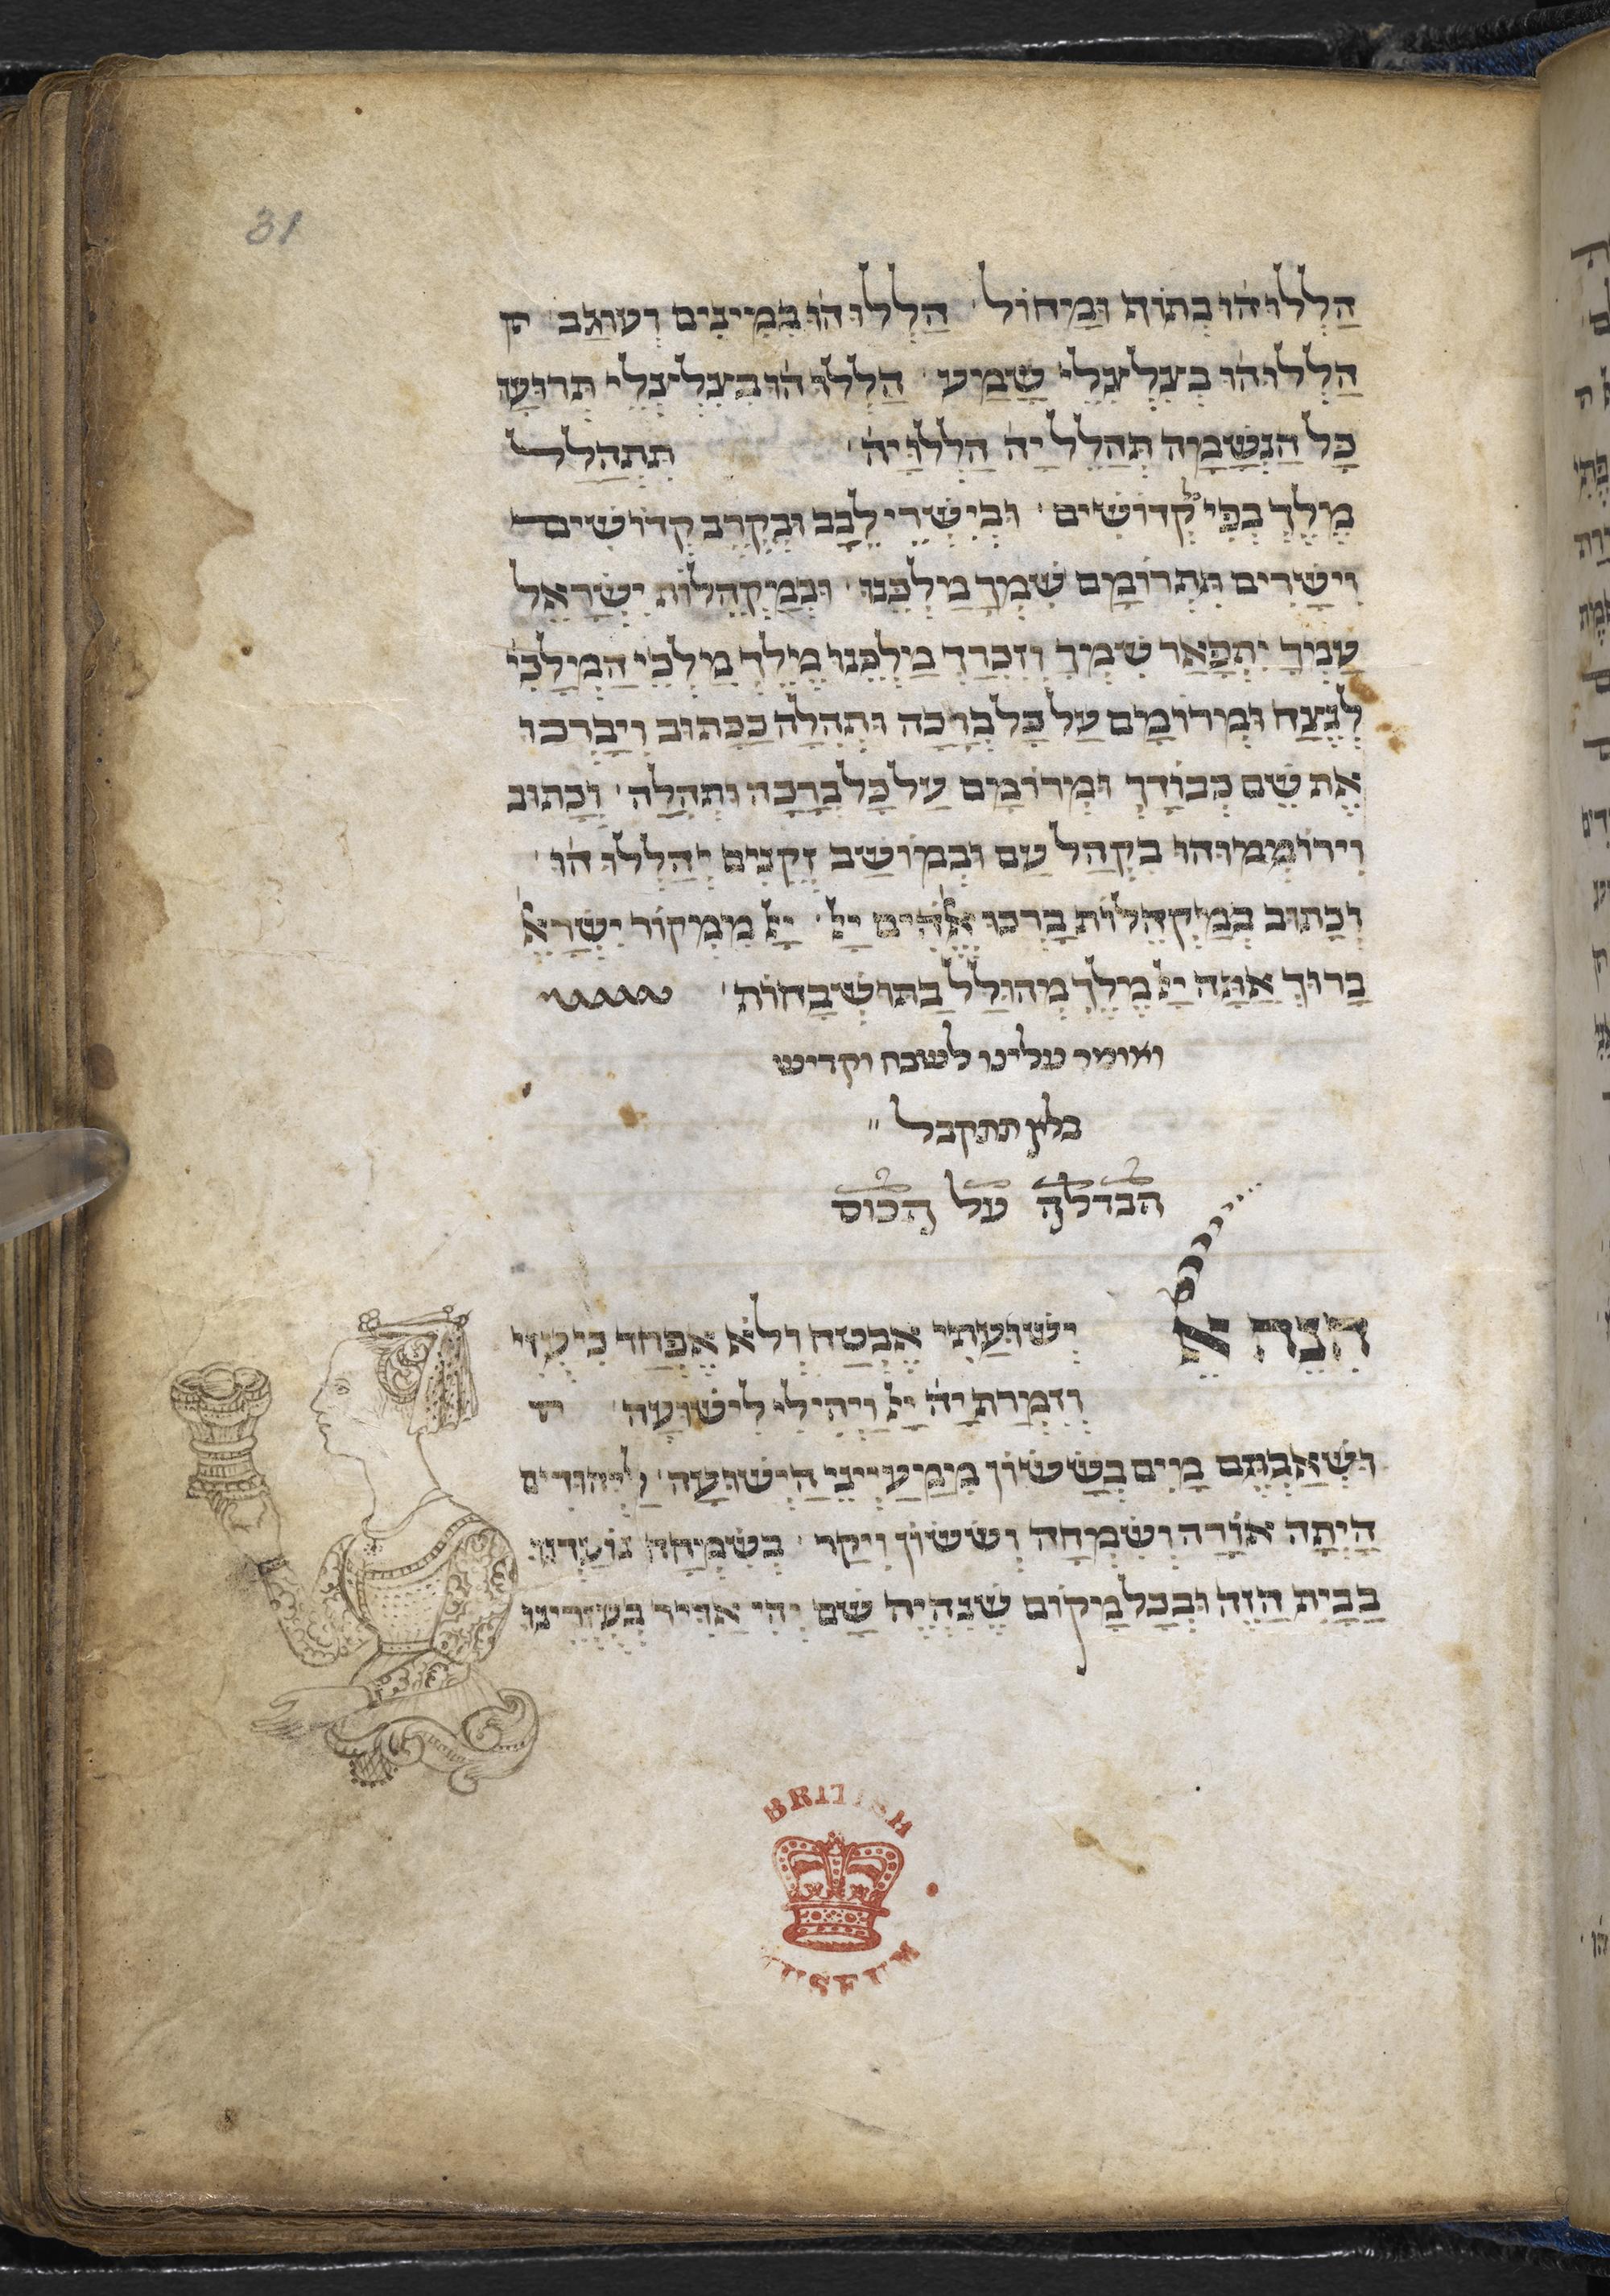 The Illustrations in Maraviglia's Prayer Book (Add MS 26957